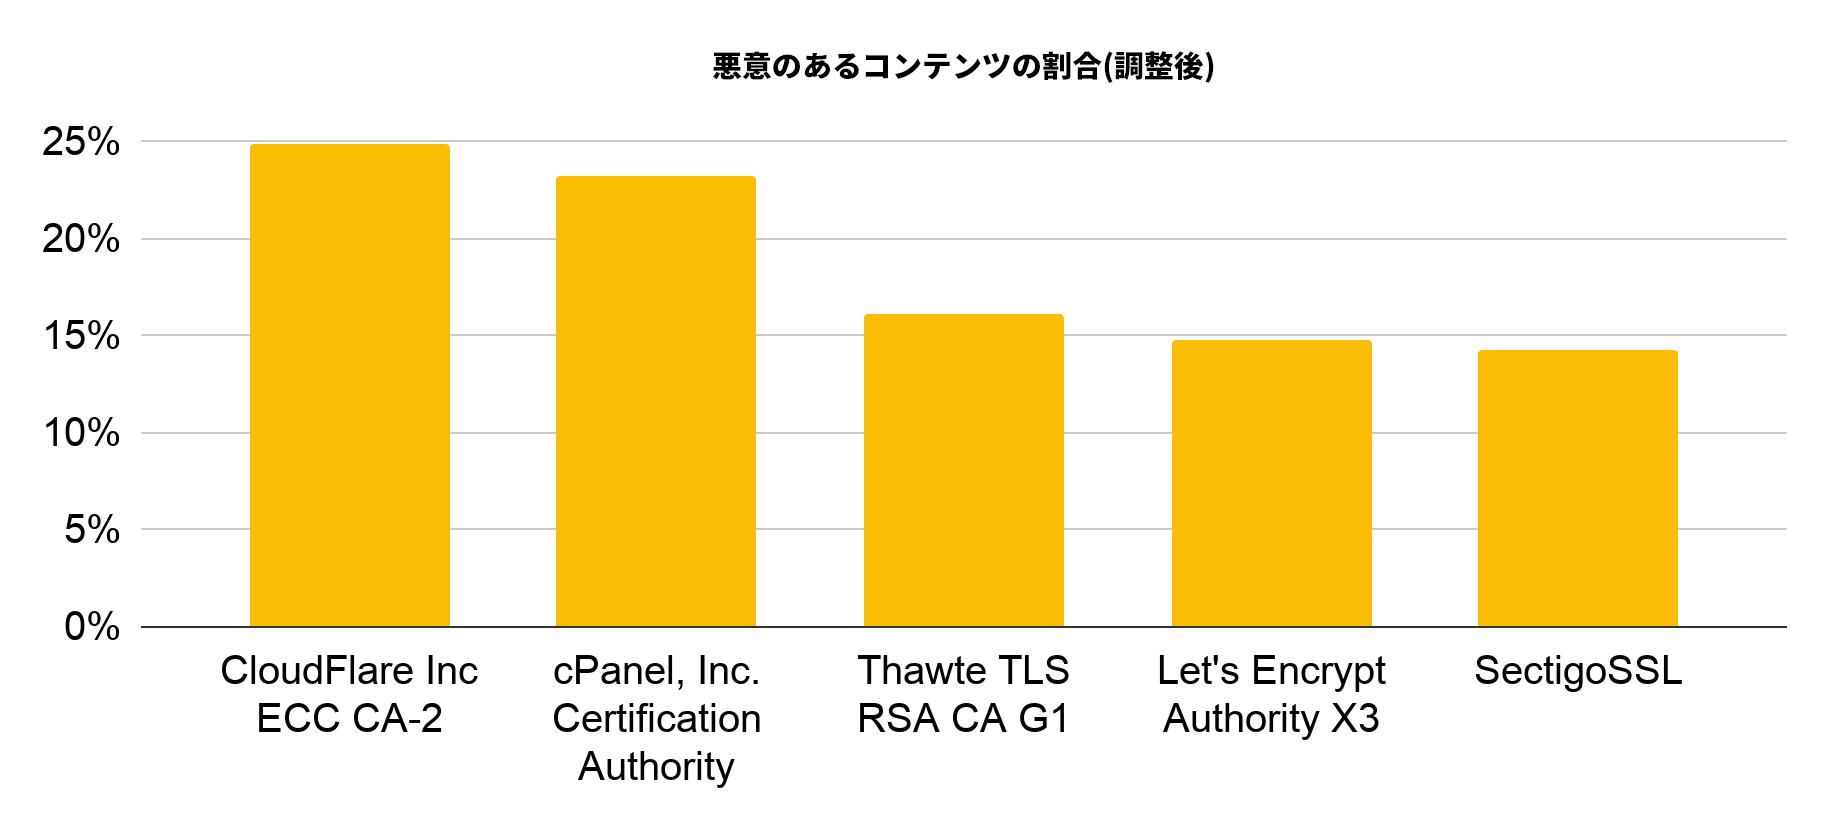 調整悪質率によりランク付けされた、2019年12月にサイバースクワッティングにより最も悪用された上位5社の認証局は、CloudFlare Inc ECC CA-2、cPanel, Inc. Certification Authority、Thawte TLS RSA CA G1、Let's Encrypt Authority X3、およびSectigoSSLです。